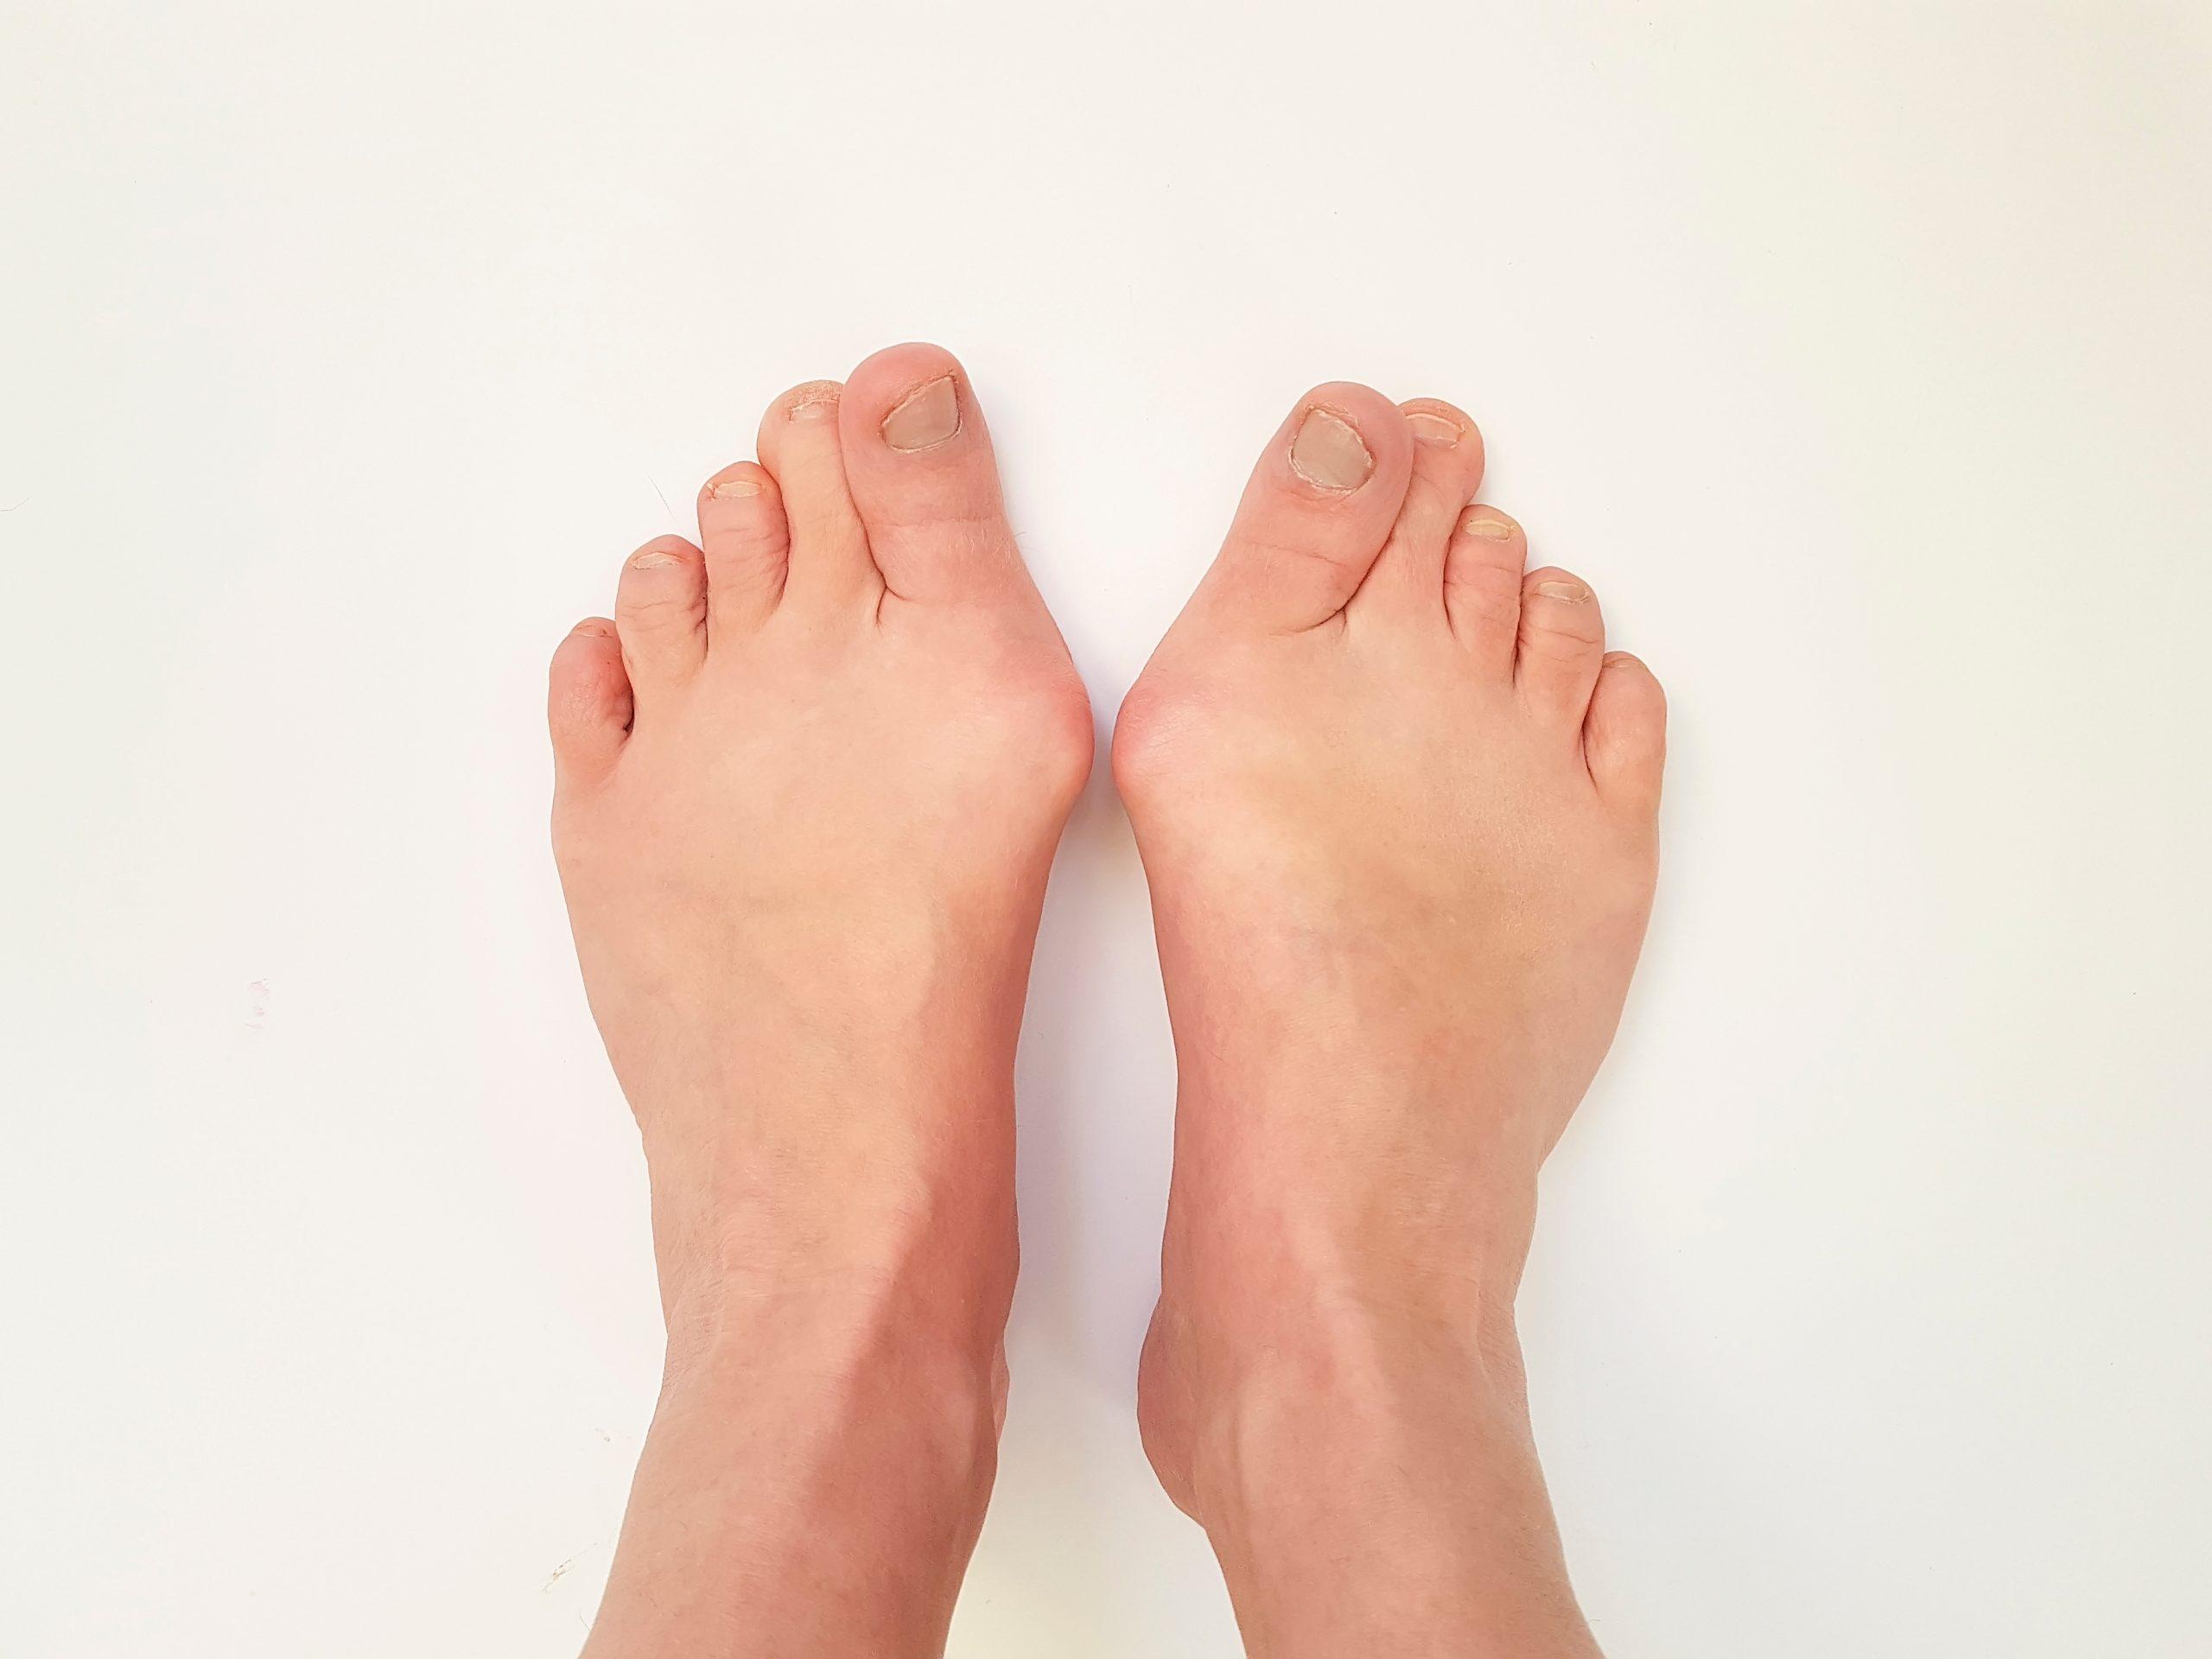 【テレワークで激増】歩かないと外反母趾は悪化する!?